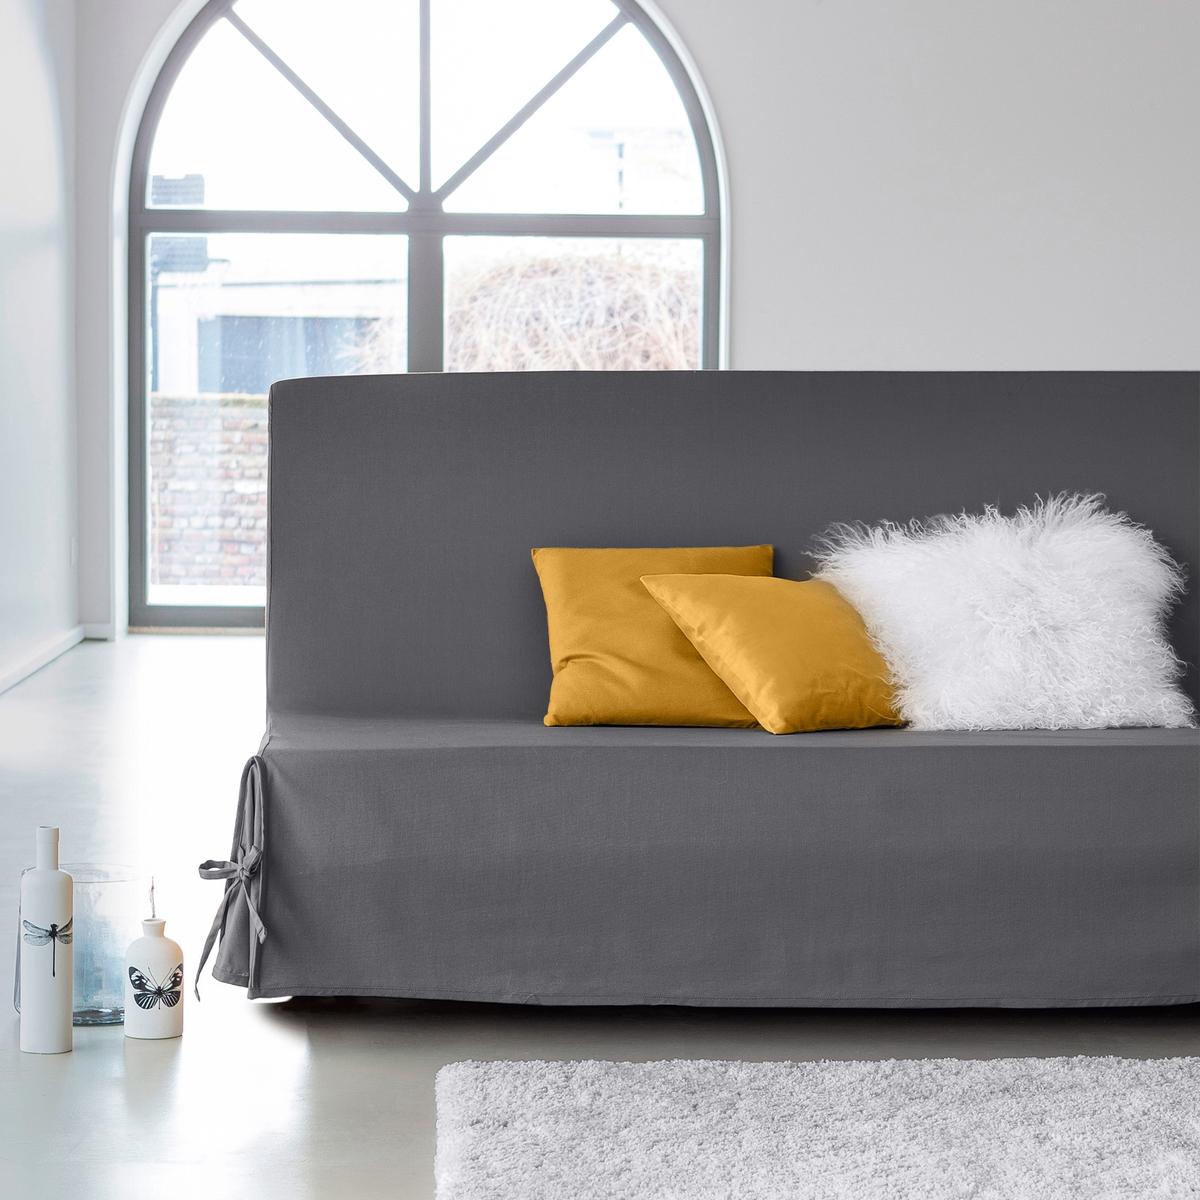 Чехол для дивана-книжкиЧехол для дивана-книжки из 100% хлопка, широкая гамма ультрасовременных цветов. Подарите новую жизнь дивану !Характеристики чехла для дивана-книжки:Чехол для дивана-книжки из красивого плотного материала, 100% хлопок (220 г/м?), есть 13 цветов.Полностью закрывает диван включая спинку:: удобные клапаны фиксируются завязками.Простой уход : стирка при 40°, превосходная стойкость цвета.Обработка против пятен.       Размеры чехла для дивана-книжки : Ширина : 190 см, Глубина: 65 см. Для спального места от 120 до 136 см в разложенном состоянии.Качество Valeur S?re.              Сертфикат Oeko-Tex® дает гарантию того, что товары изготовлены без применения химических средств и не представляют опасности для здоровья человека.<br><br>Цвет: белый,вишневый,медовый,серо-коричневый,серый жемчужный,синий индиго,сливовый,черный,экрю<br>Размер: единый размер.единый размер.единый размер.единый размер